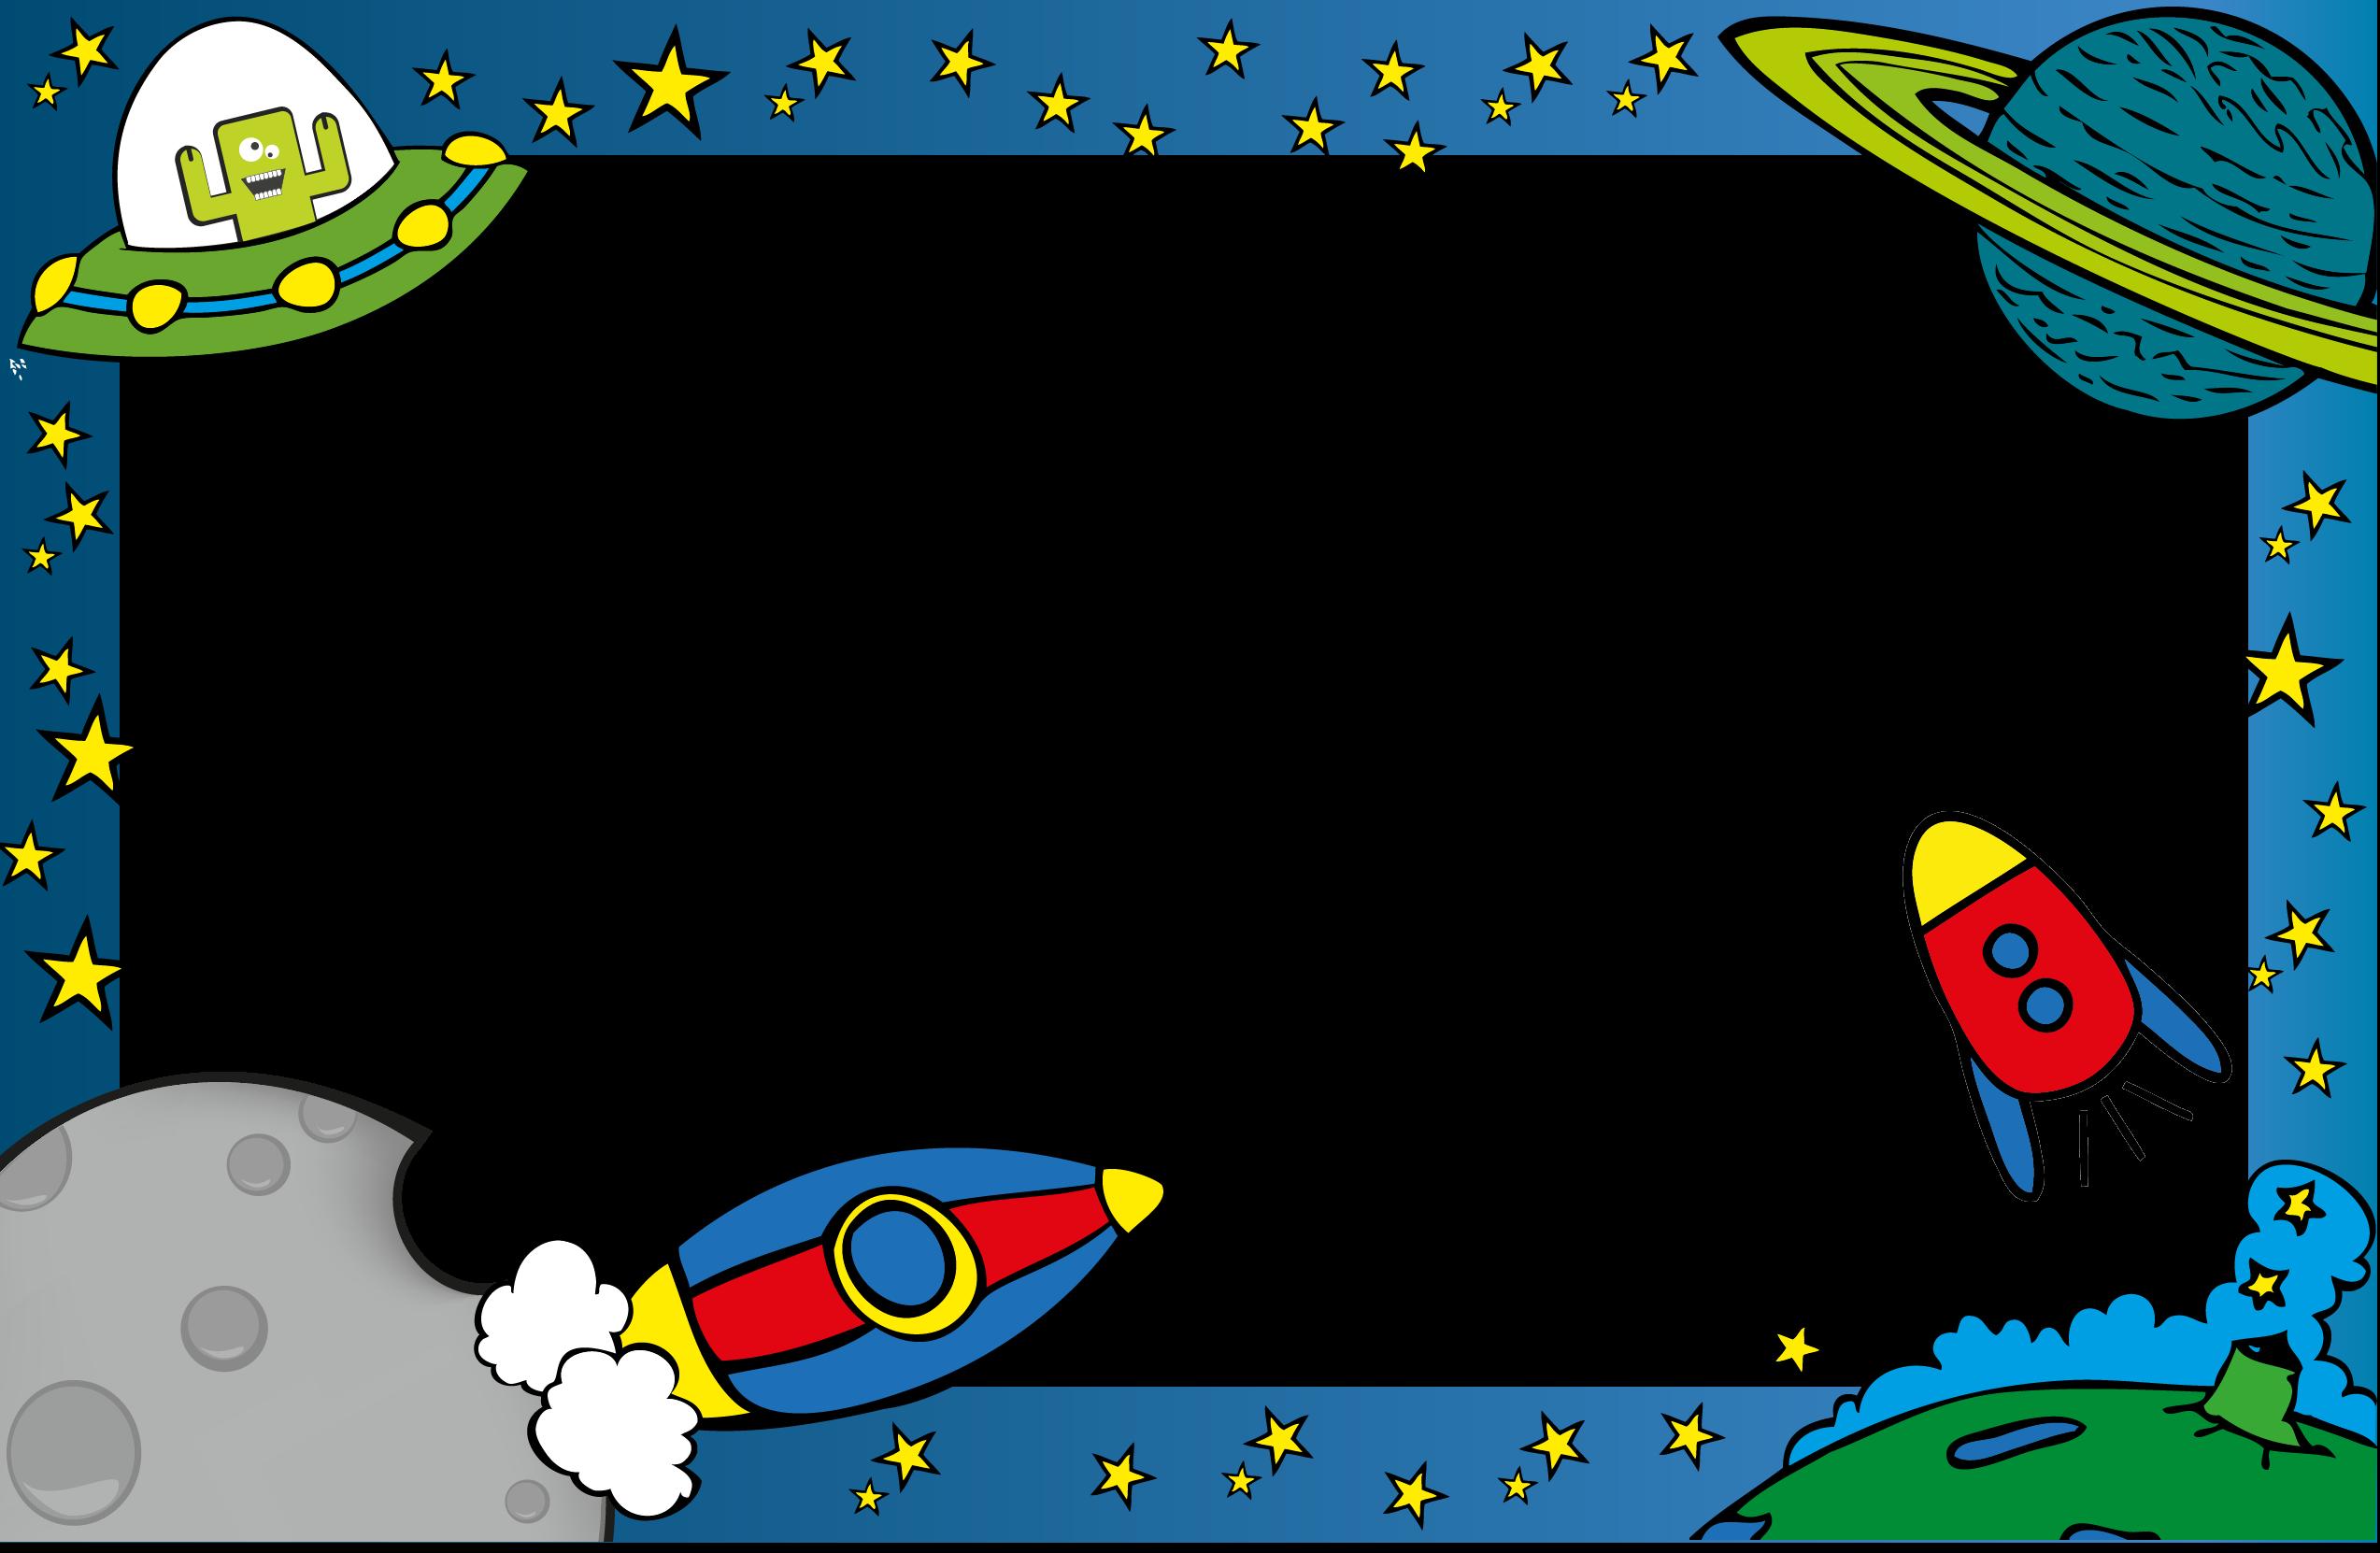 Spaceship clipart border. Marcos para hojas de